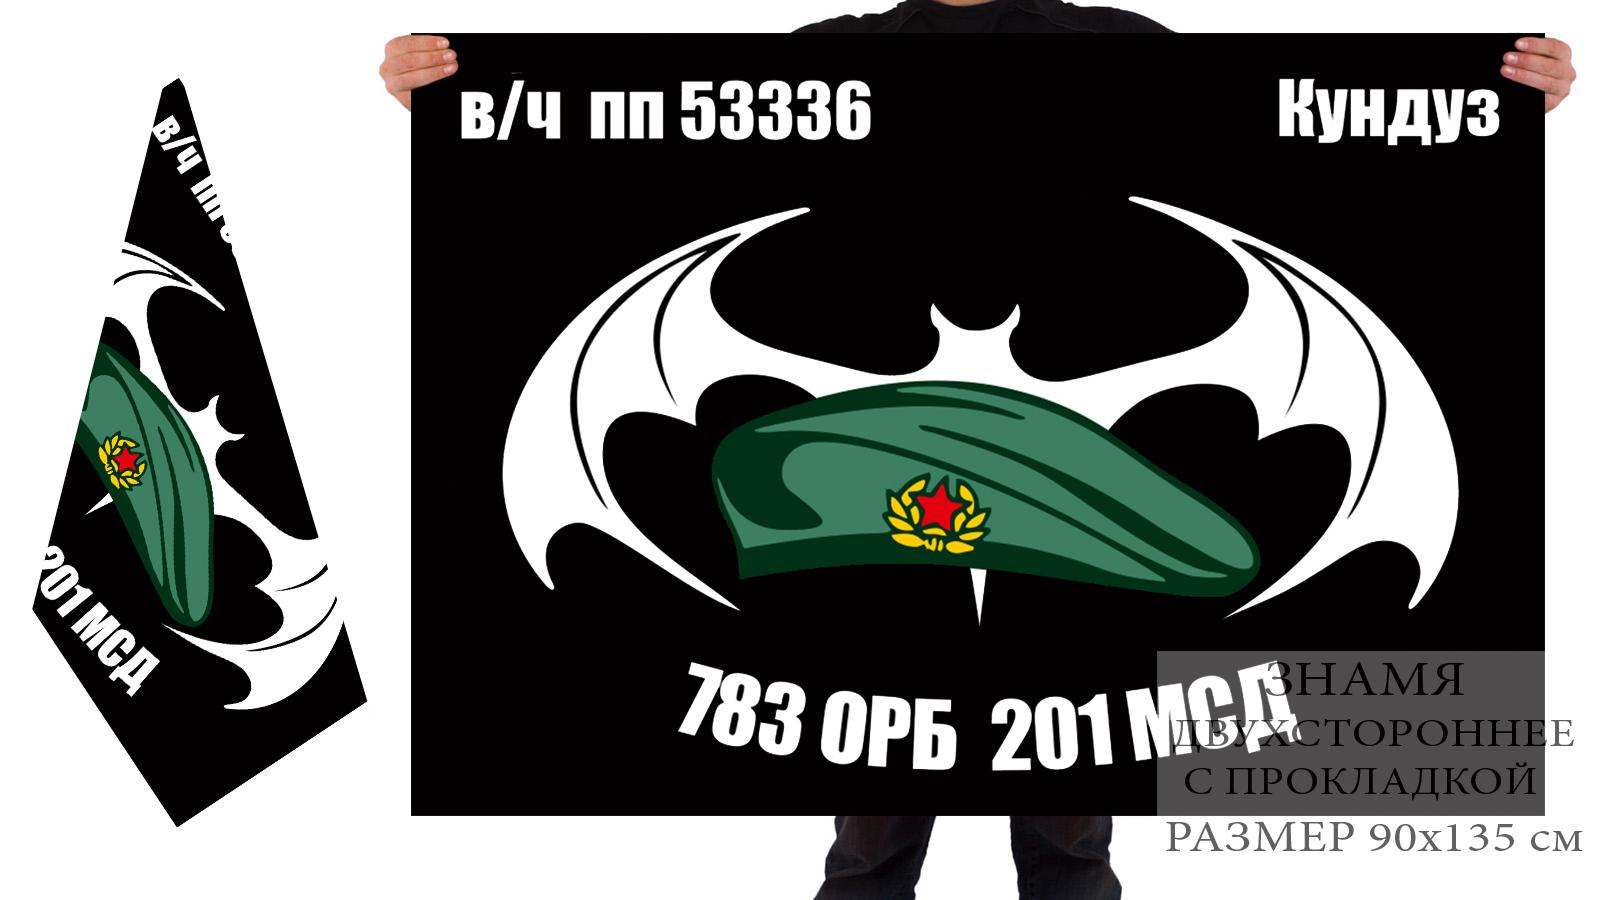 Двусторонний флаг 783 ОРБ 201 МСД в Афганистане